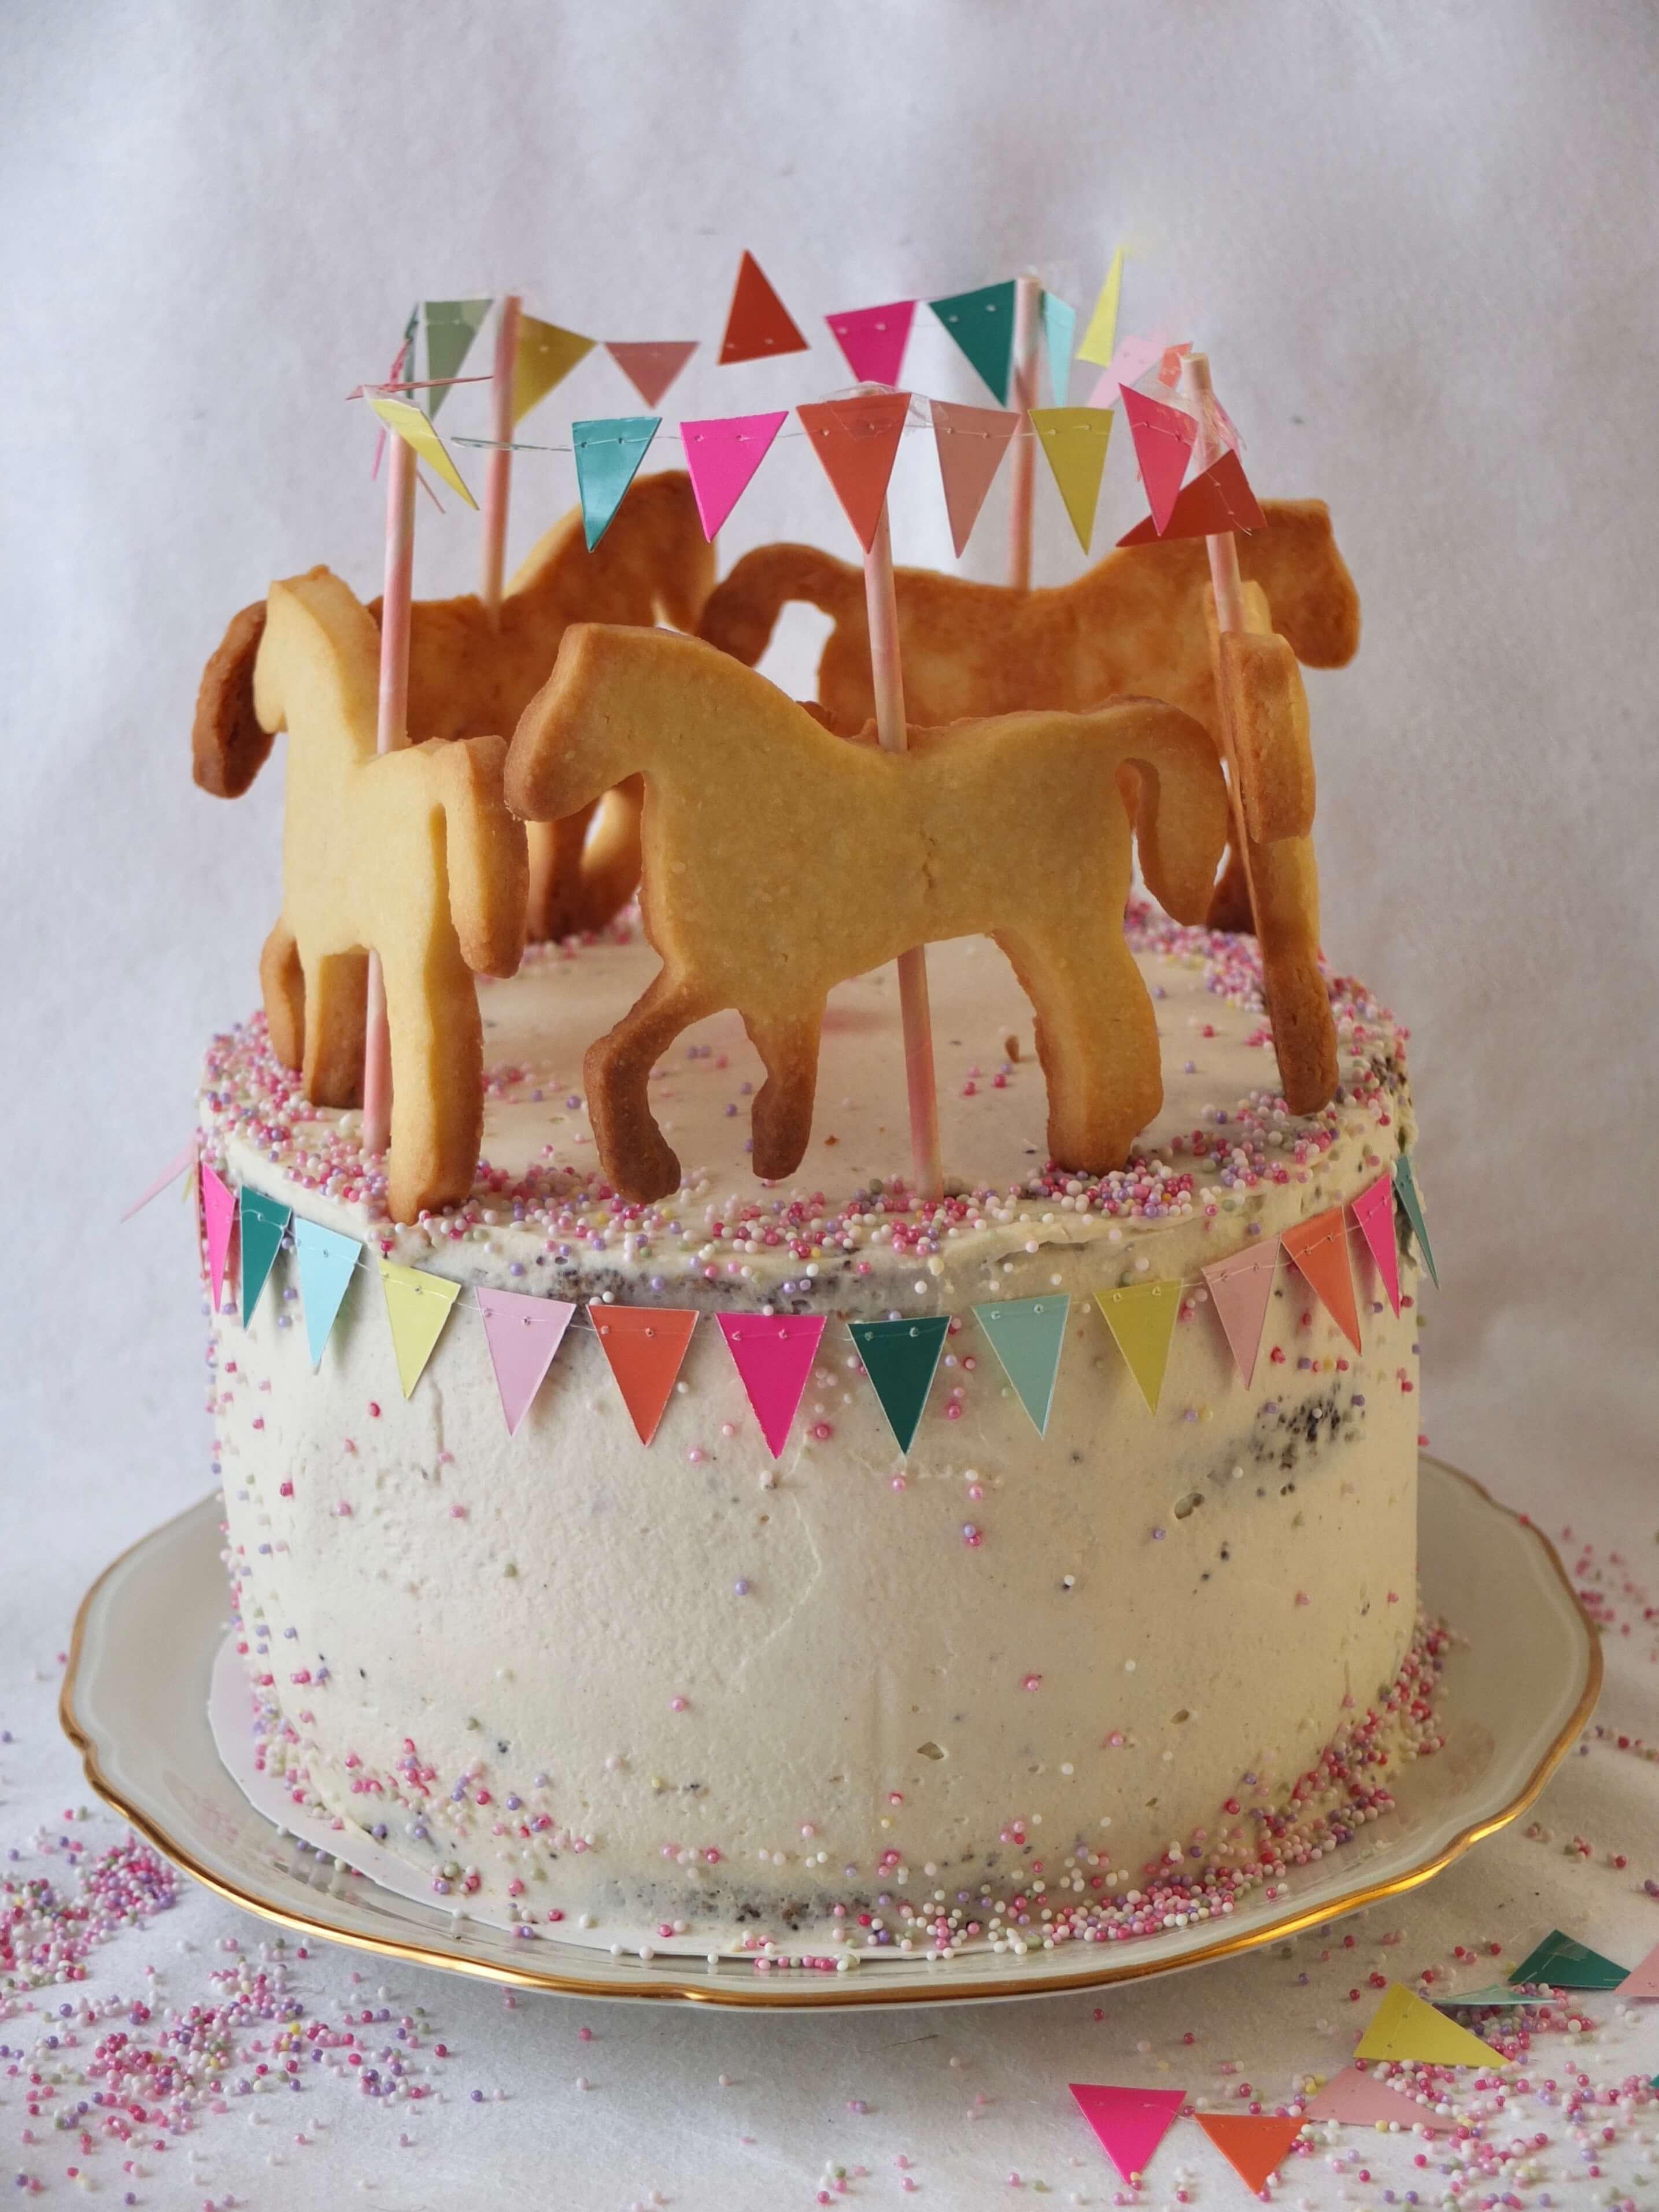 Karussell Torte mit Pferden   Mohntorte mit Pfirsich-Mascarpone-Füllung   Rezept